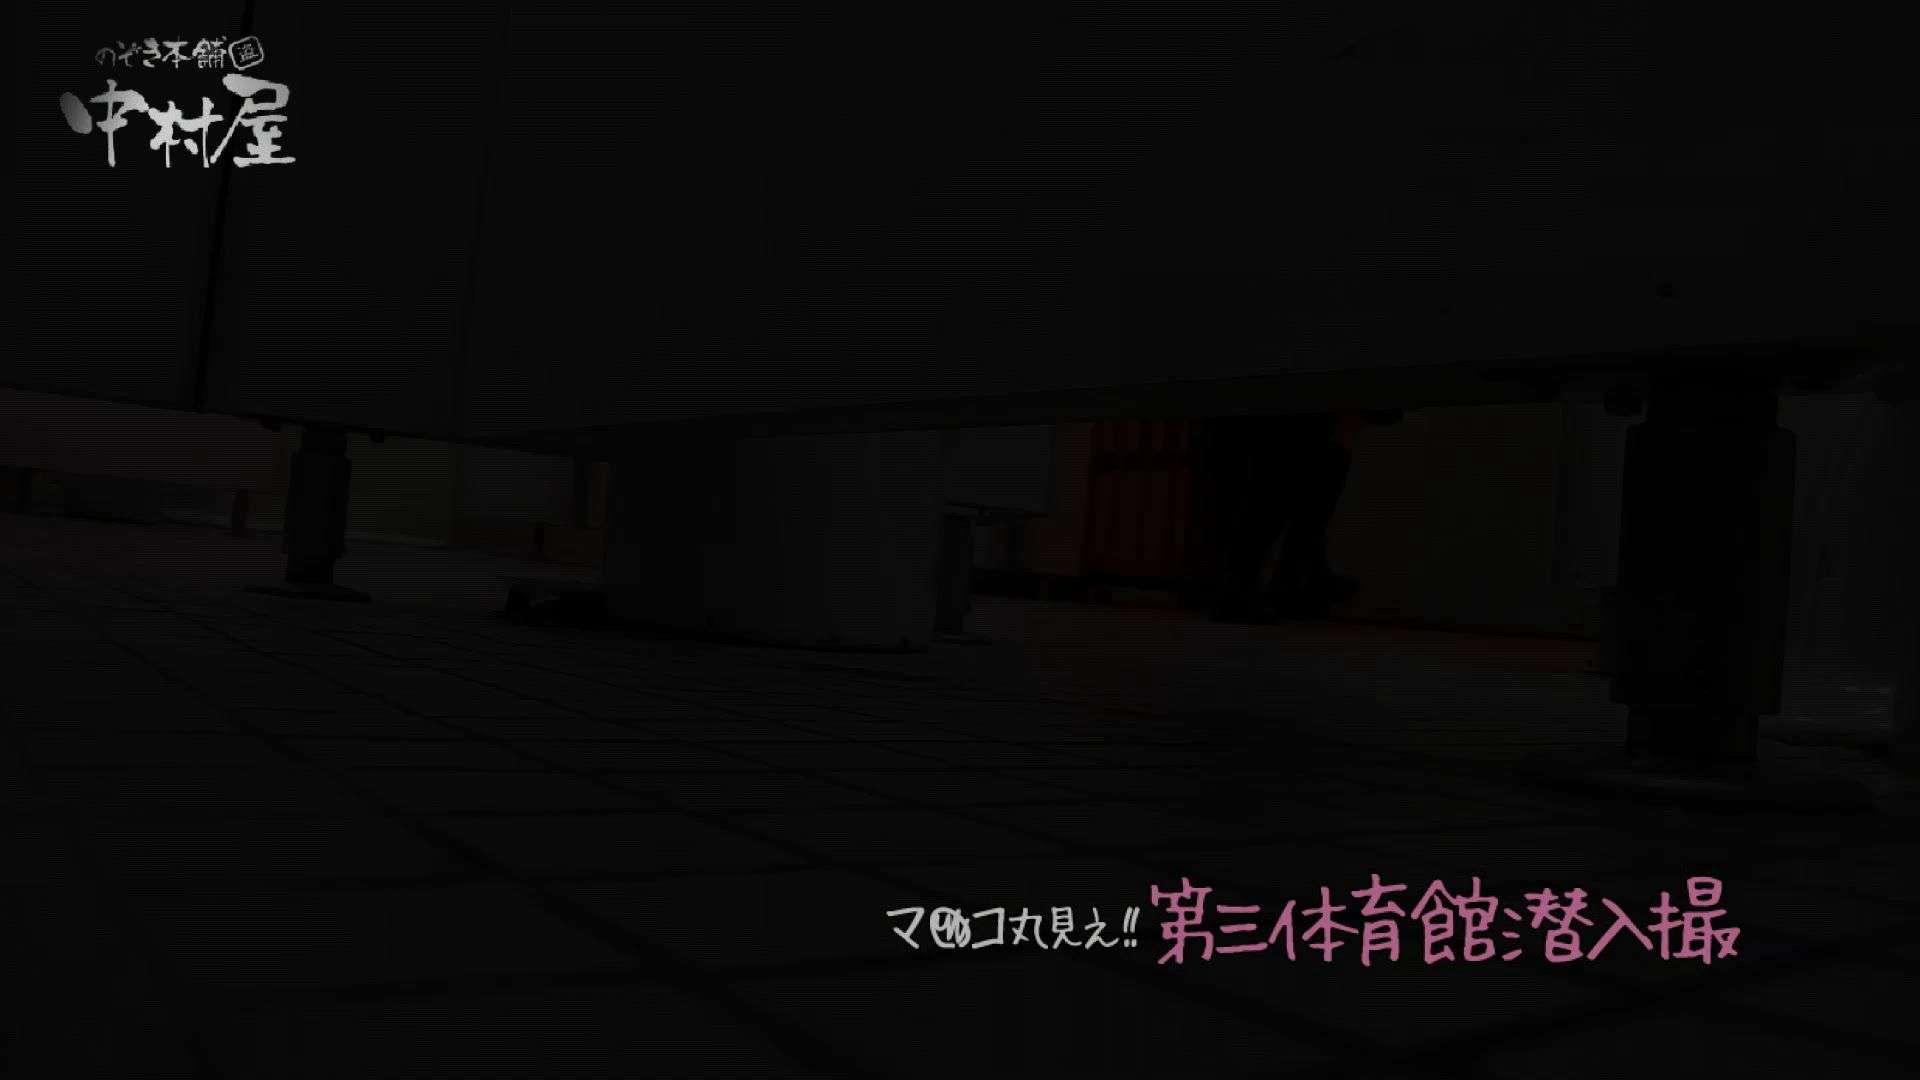 無修正エロ動画|第三体育館File037 分かるでしょう6、ローファーⅡ画質アップ後編|ピープフォックス(盗撮狐)